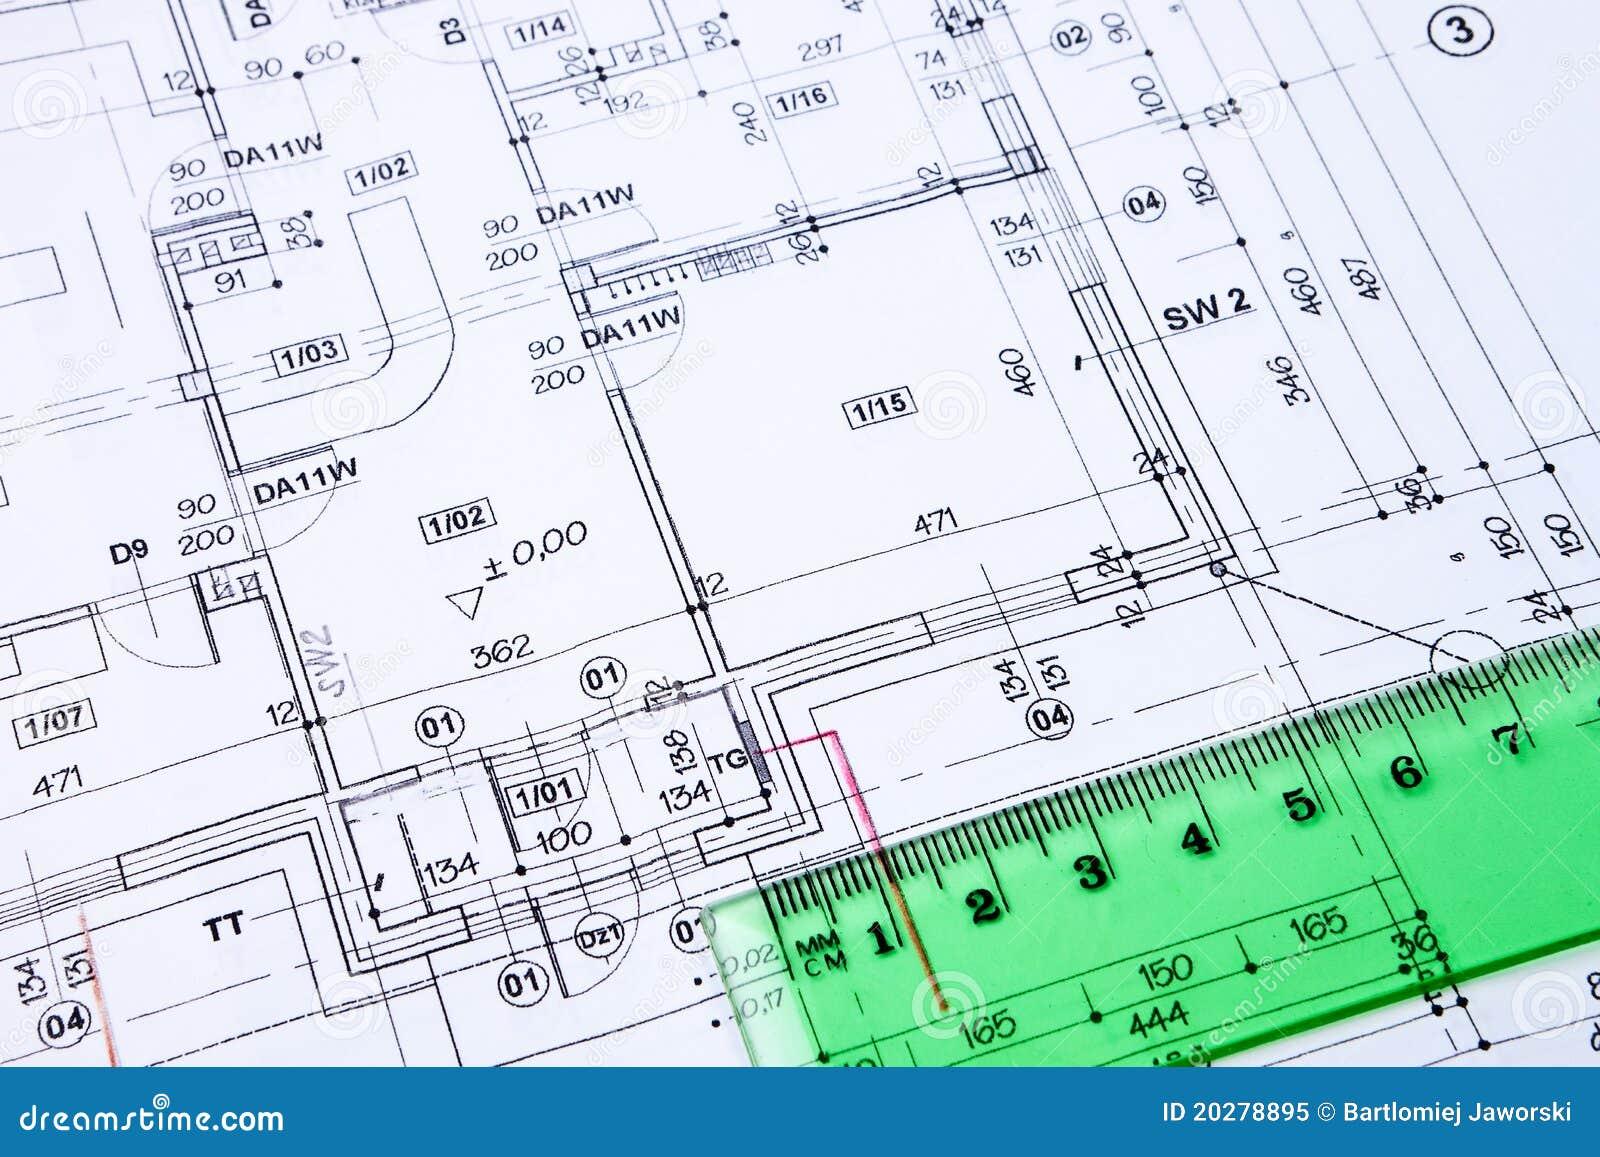 Building floor plan.